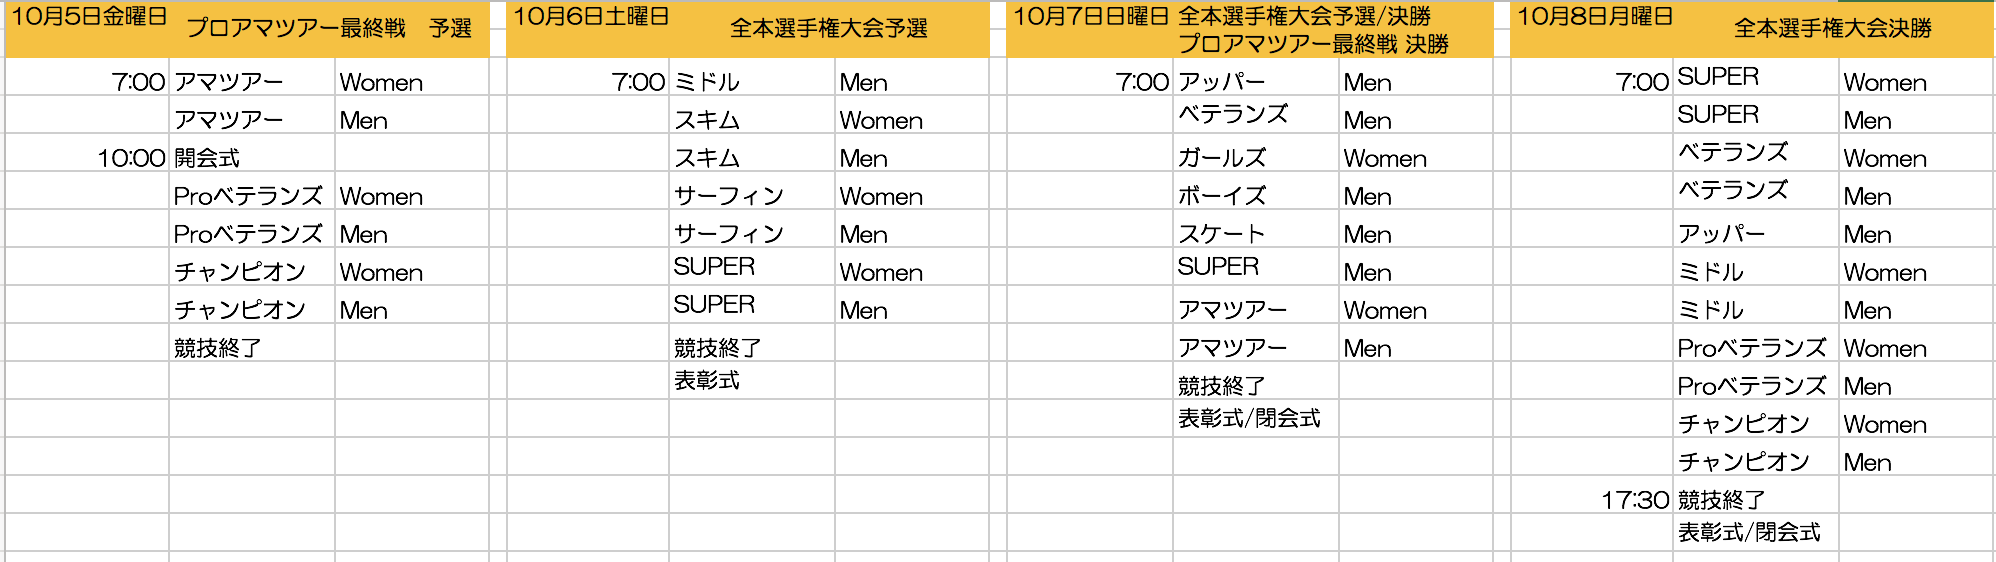 スクリーンショット 2018-09-05 9.51.34